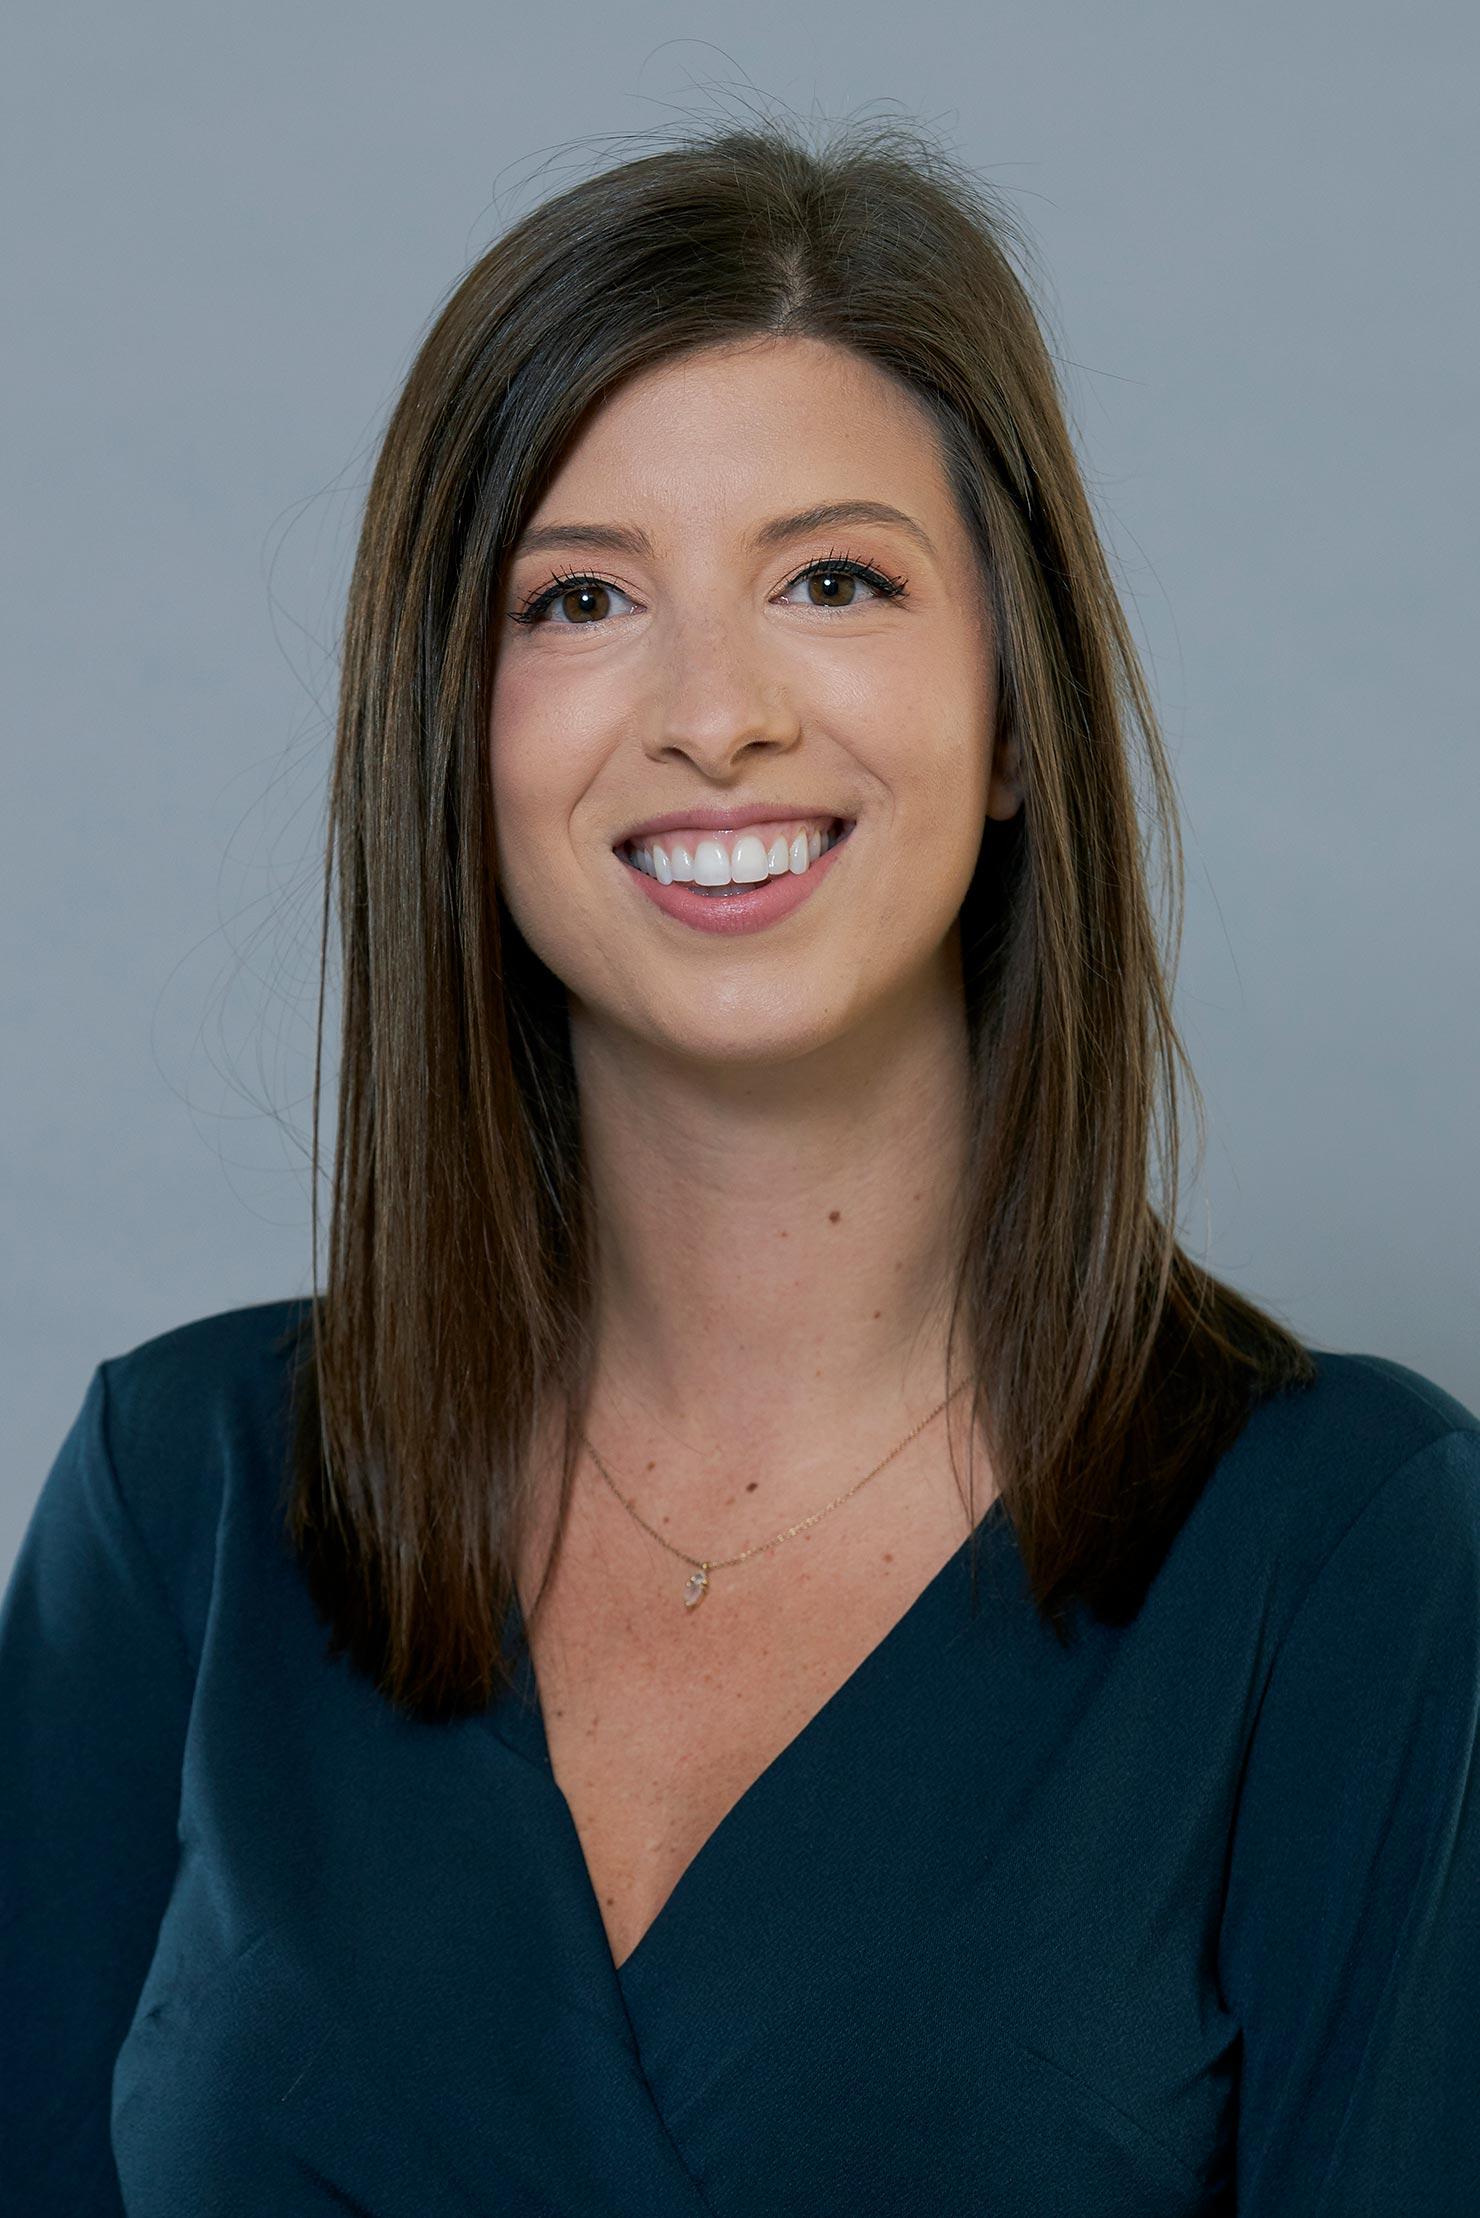 Samantha Hirsch